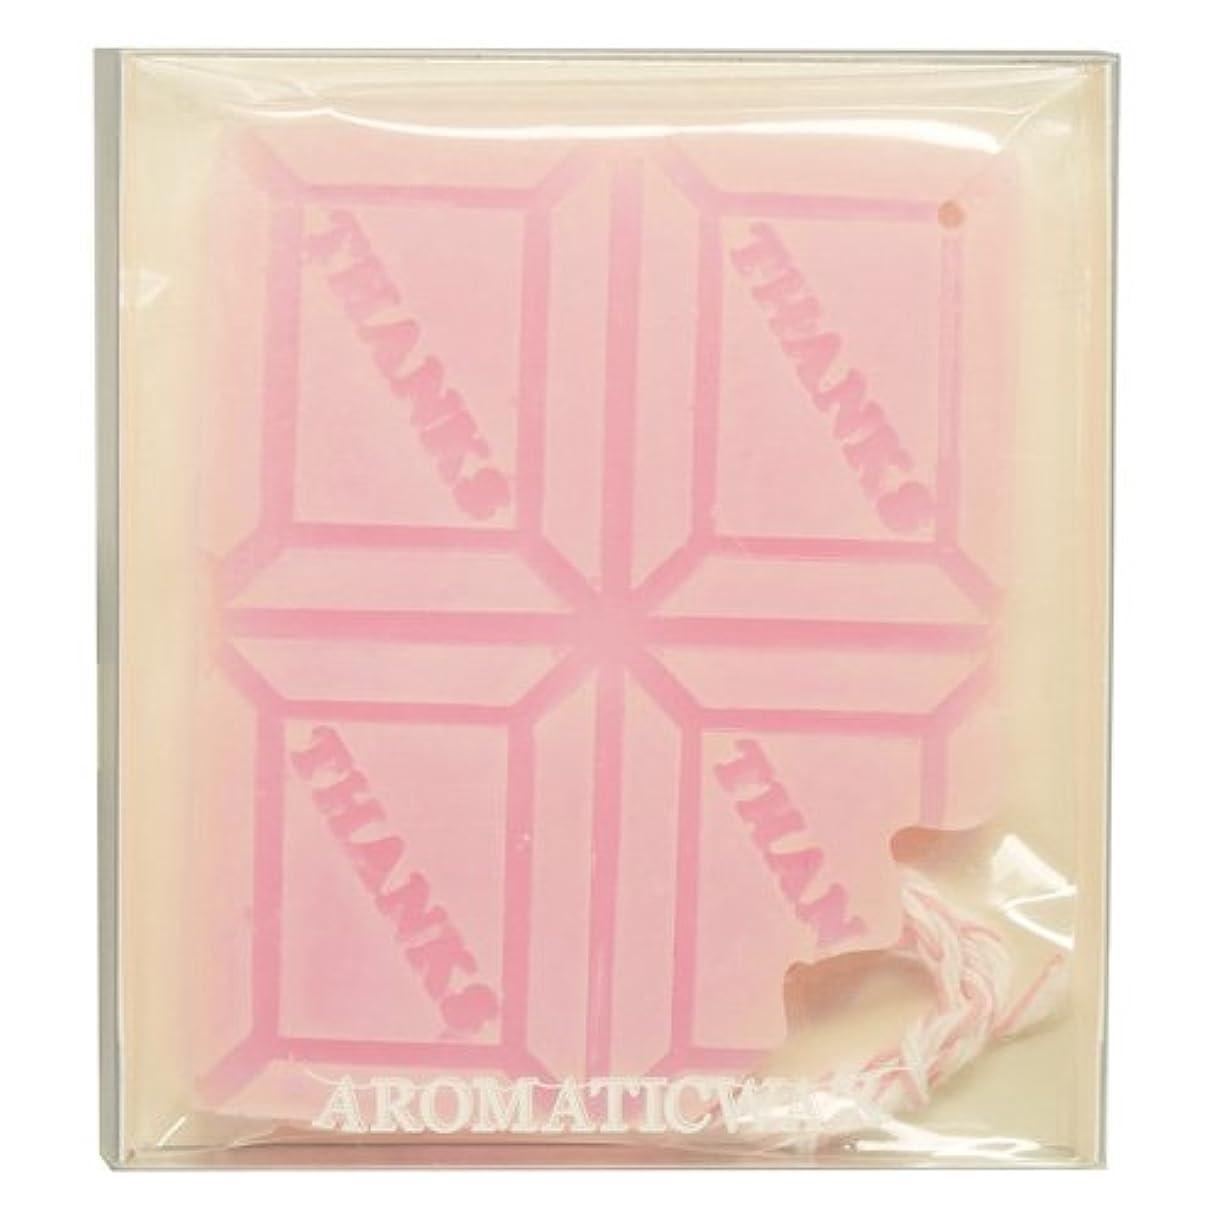 バトルあいさつ因子GRASSE TOKYO AROMATICWAXチャーム「板チョコ(THANKS)」(PI) ゼラニウム アロマティックワックス グラーストウキョウ